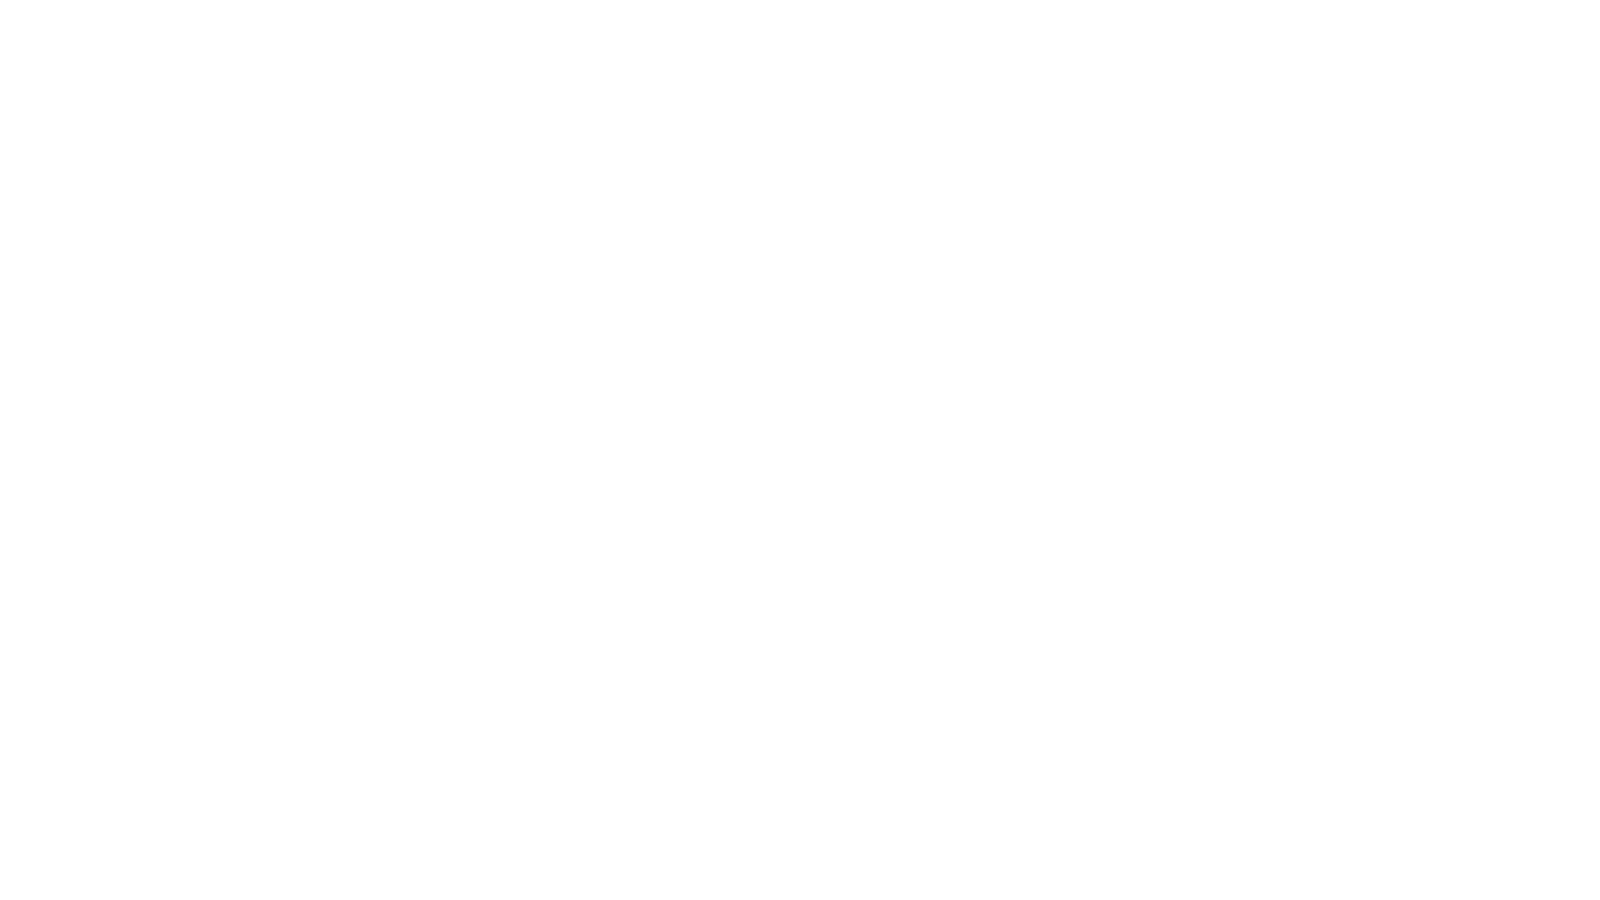 Männertagtrip 2020 Teil 1/2#Harzlife #Wheelies #SpeedDas Wetter letztes Jahr war nicht das beste, dennoch konnten wir ein paar geile Aufnahmen machen.Teil 2 kommt in den folgenden Wochen.Viel Spaß beim anschauen!►Website and SHOP:✗ https://Kolbendrescher.deViel Spaß, TEILEN und LIKEN nicht vergessen!▬▬▬ GEILER STUFF und EQUIPMENT ▬▬▬✗ Helmkamera: http://amzn.to/2sprTWa✗ P0rn Kamera: http://amzn.to/2spvxzn✗ Günstig und gute Motorradhandschuhe: http://amzn.to/2sEDkLU✗ 4T 10W-40 Motoröl: http://amzn.to/2spJjBU✗ Mini-LED Blinker: http://amzn.to/2rKuuYU✗ Sehr guter Mini-Lautsprecher: http://amzn.to/2spTOoY✗ Super für den Grill: http://amzn.to/2tNE7dfDir hat das Video gefallen? --► Liken, kommentieren und TEILEN!!!Du hast Fragen zu uns oder dem Video? Dann ab damit in die Kommentare!▬▬▬ Links ▬▬▬►Website and SHOP:http://Kolbendrescher.de►SECOND CHANNEL ► SUBSCRIBE:https://www.youtube.com/channel/UC8Z9uGRygMvDpgRkhstOUNQ►Facebook:https://www.facebook.com/kolbendrescher►Instagram:https://instagram.com/Kolbendrescher/►Hier geht´s zum vorhergehenden Video:https://www.youtube.com/watch?v=Ztpfj7E-wEQ▬▬▬ Musik ▬▬▬1. Mickey Valen - My Mind (feat. Emily Vaughn)Links, an denen ein ''✗'' steht, sind sogenannte Affiliate-Links. Kommt über diesen Link ein Einkauf zustande, werden wir mit einer Provision beteiligt. Für euch entstehen dabei selbstverständlich keine Mehrkosten. Wo ihr die Produkte kauft, bleibt natürlich euch überlassen!Danke für eure Unterstützung! :)